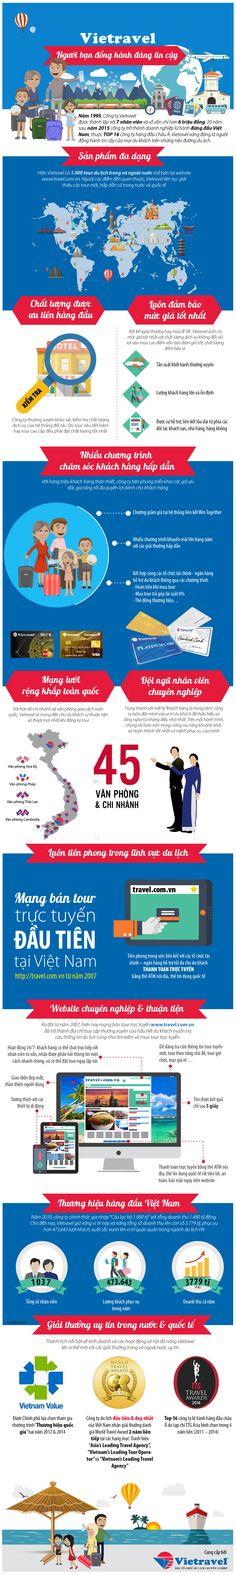 10 lý do để chọn dịch vụ của Vietravel